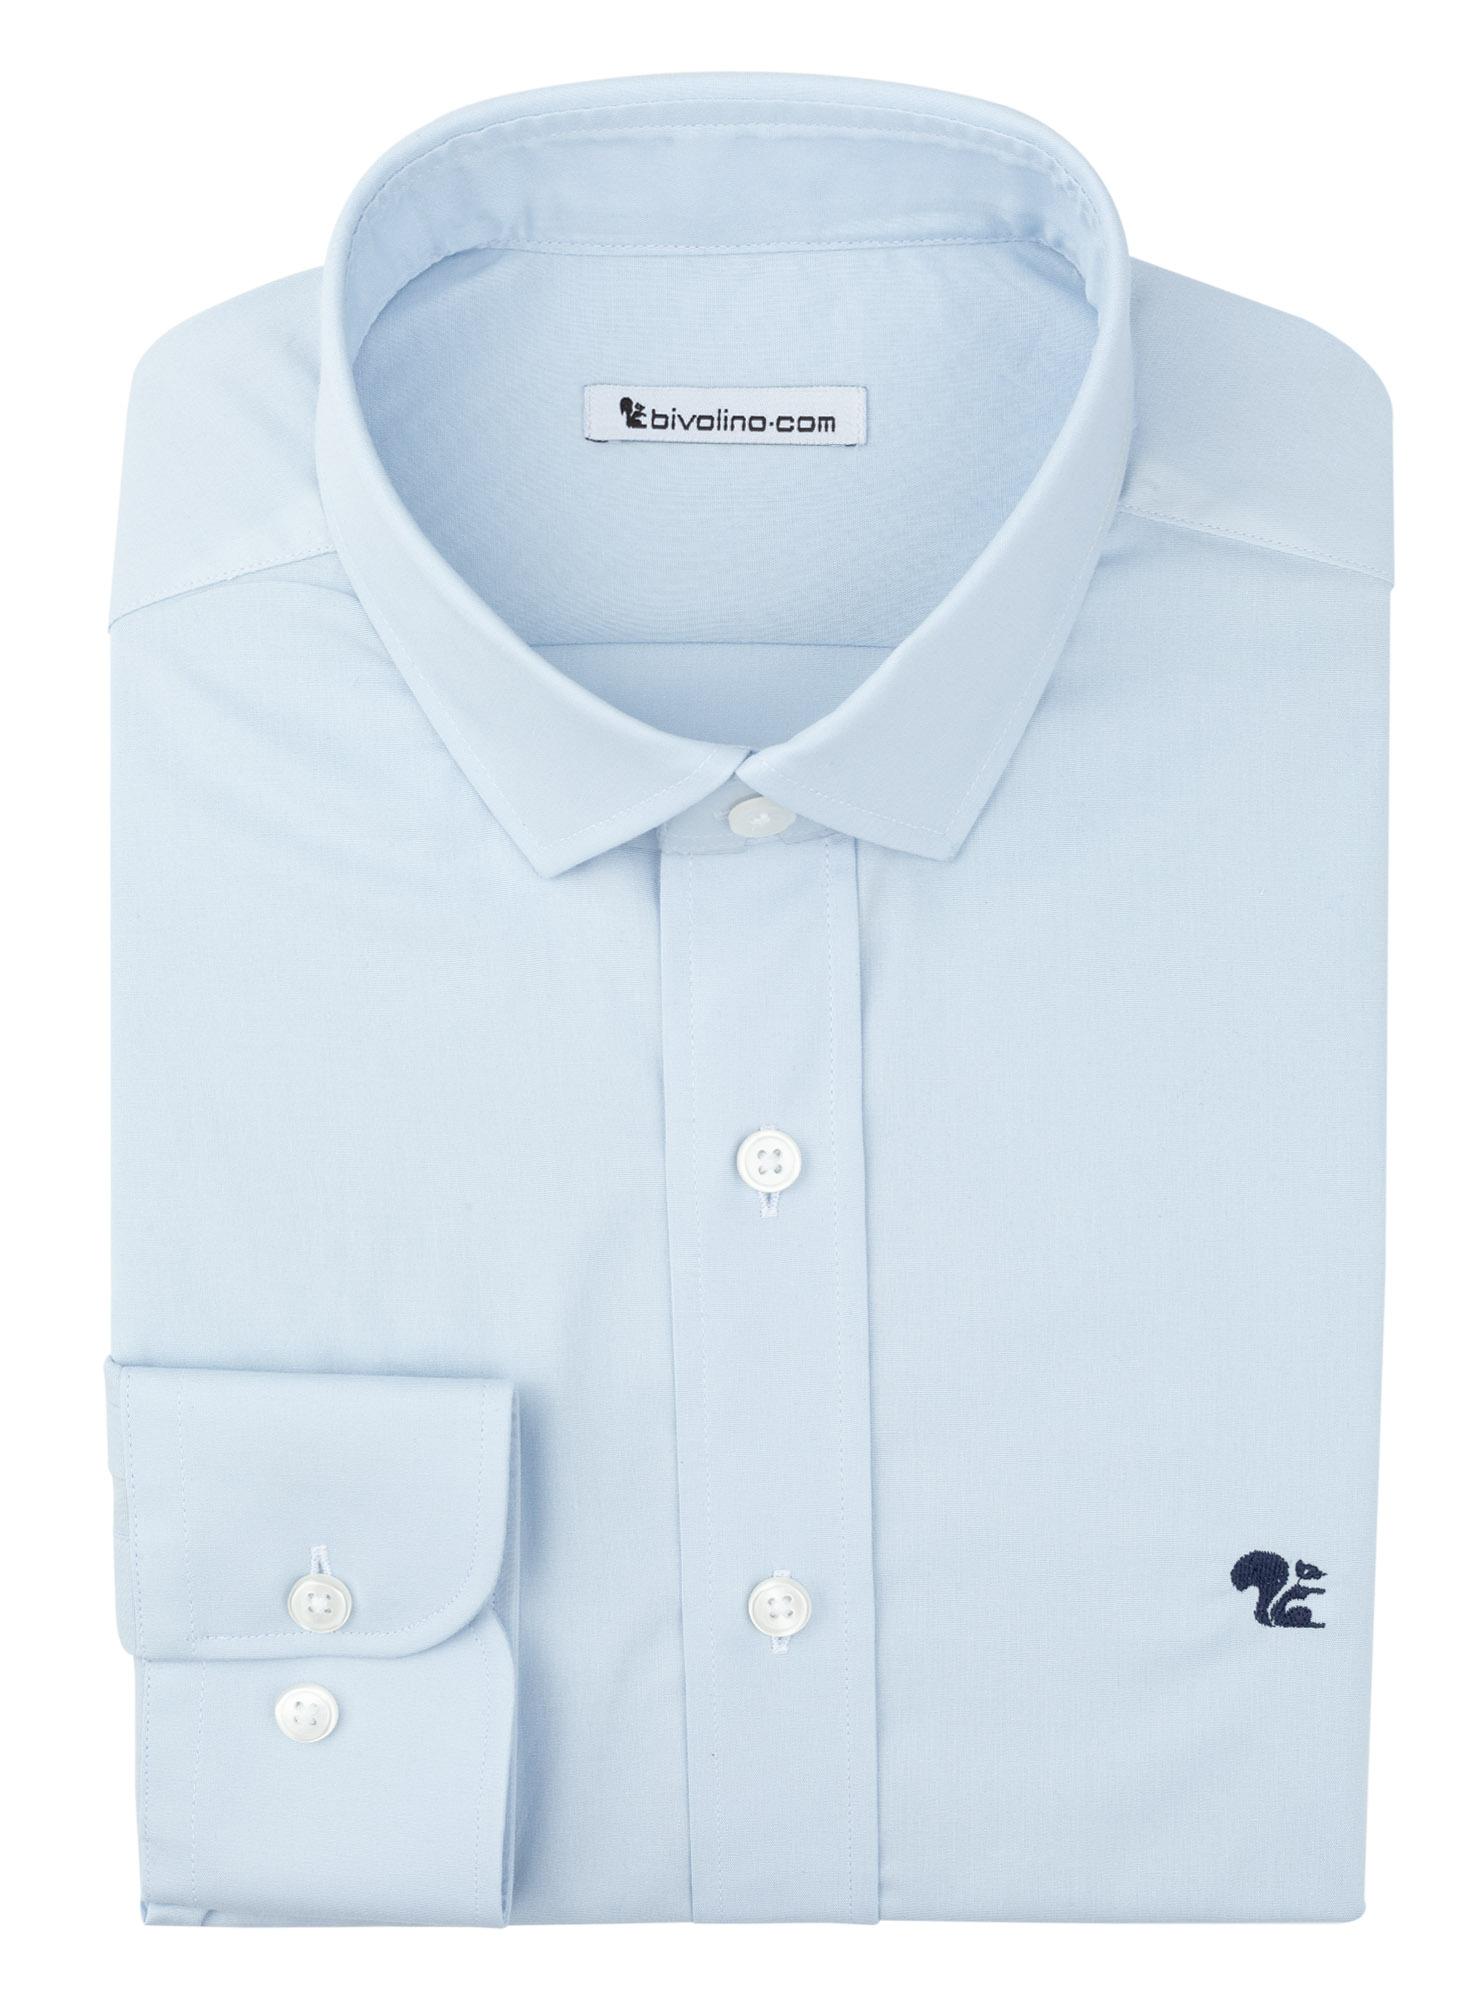 CILIBRIONE - Katoen Stretch heren overhemd  - Reso 1